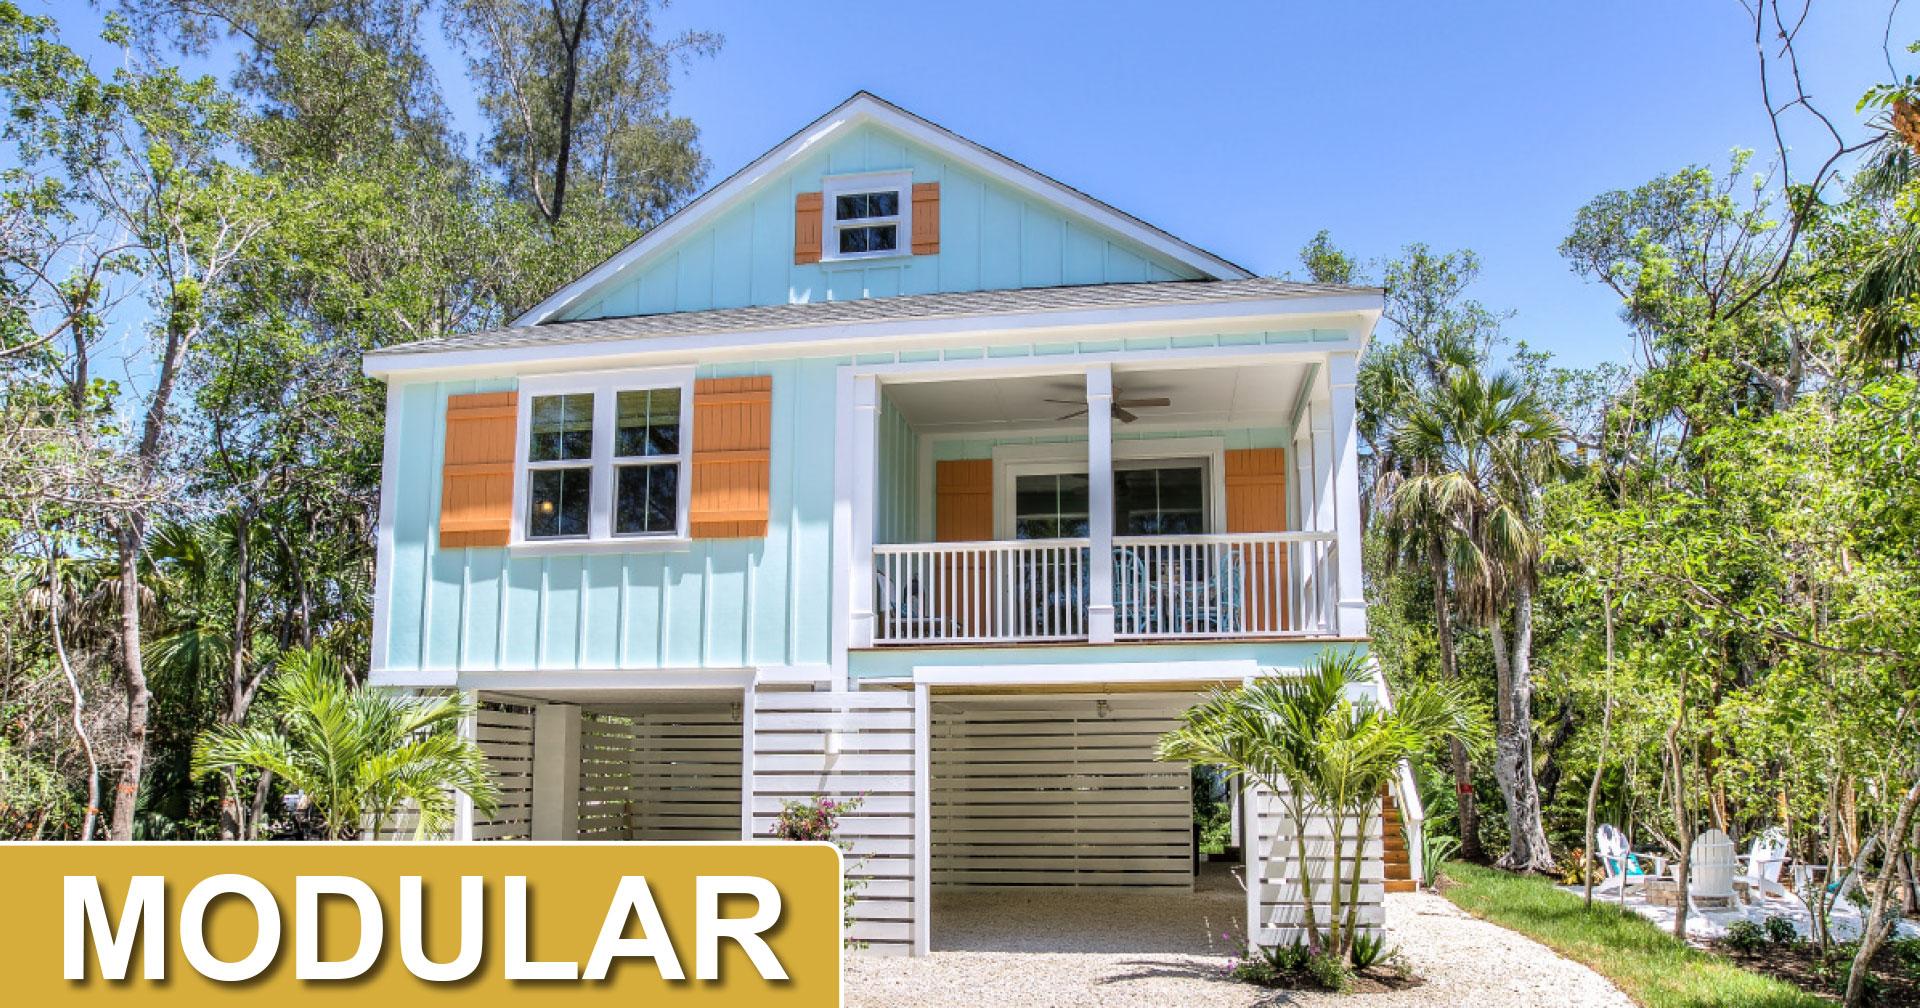 modular home image